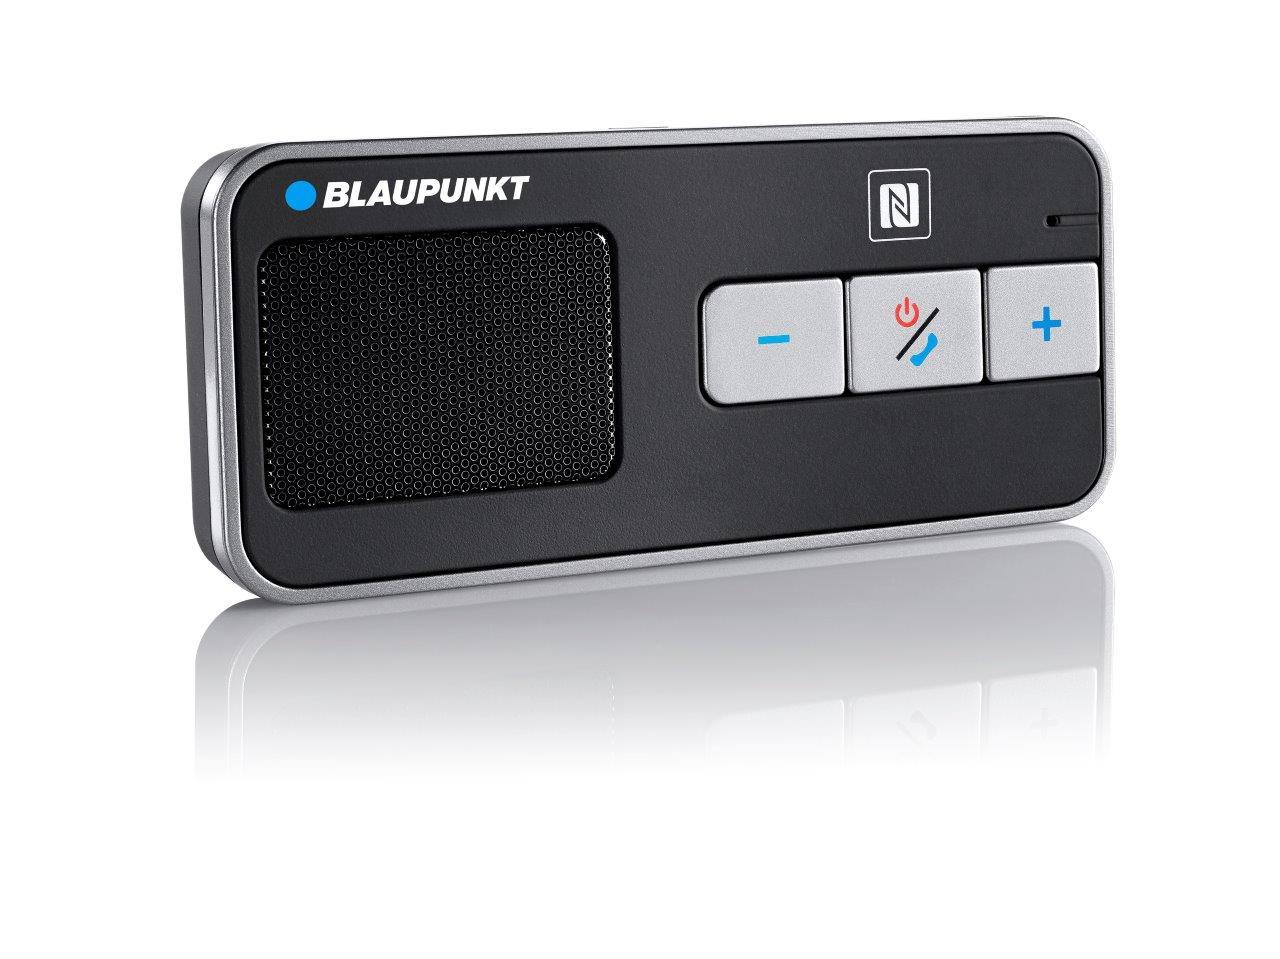 freisprecheinrichtung auto kfz bluetooth handys smartphone. Black Bedroom Furniture Sets. Home Design Ideas